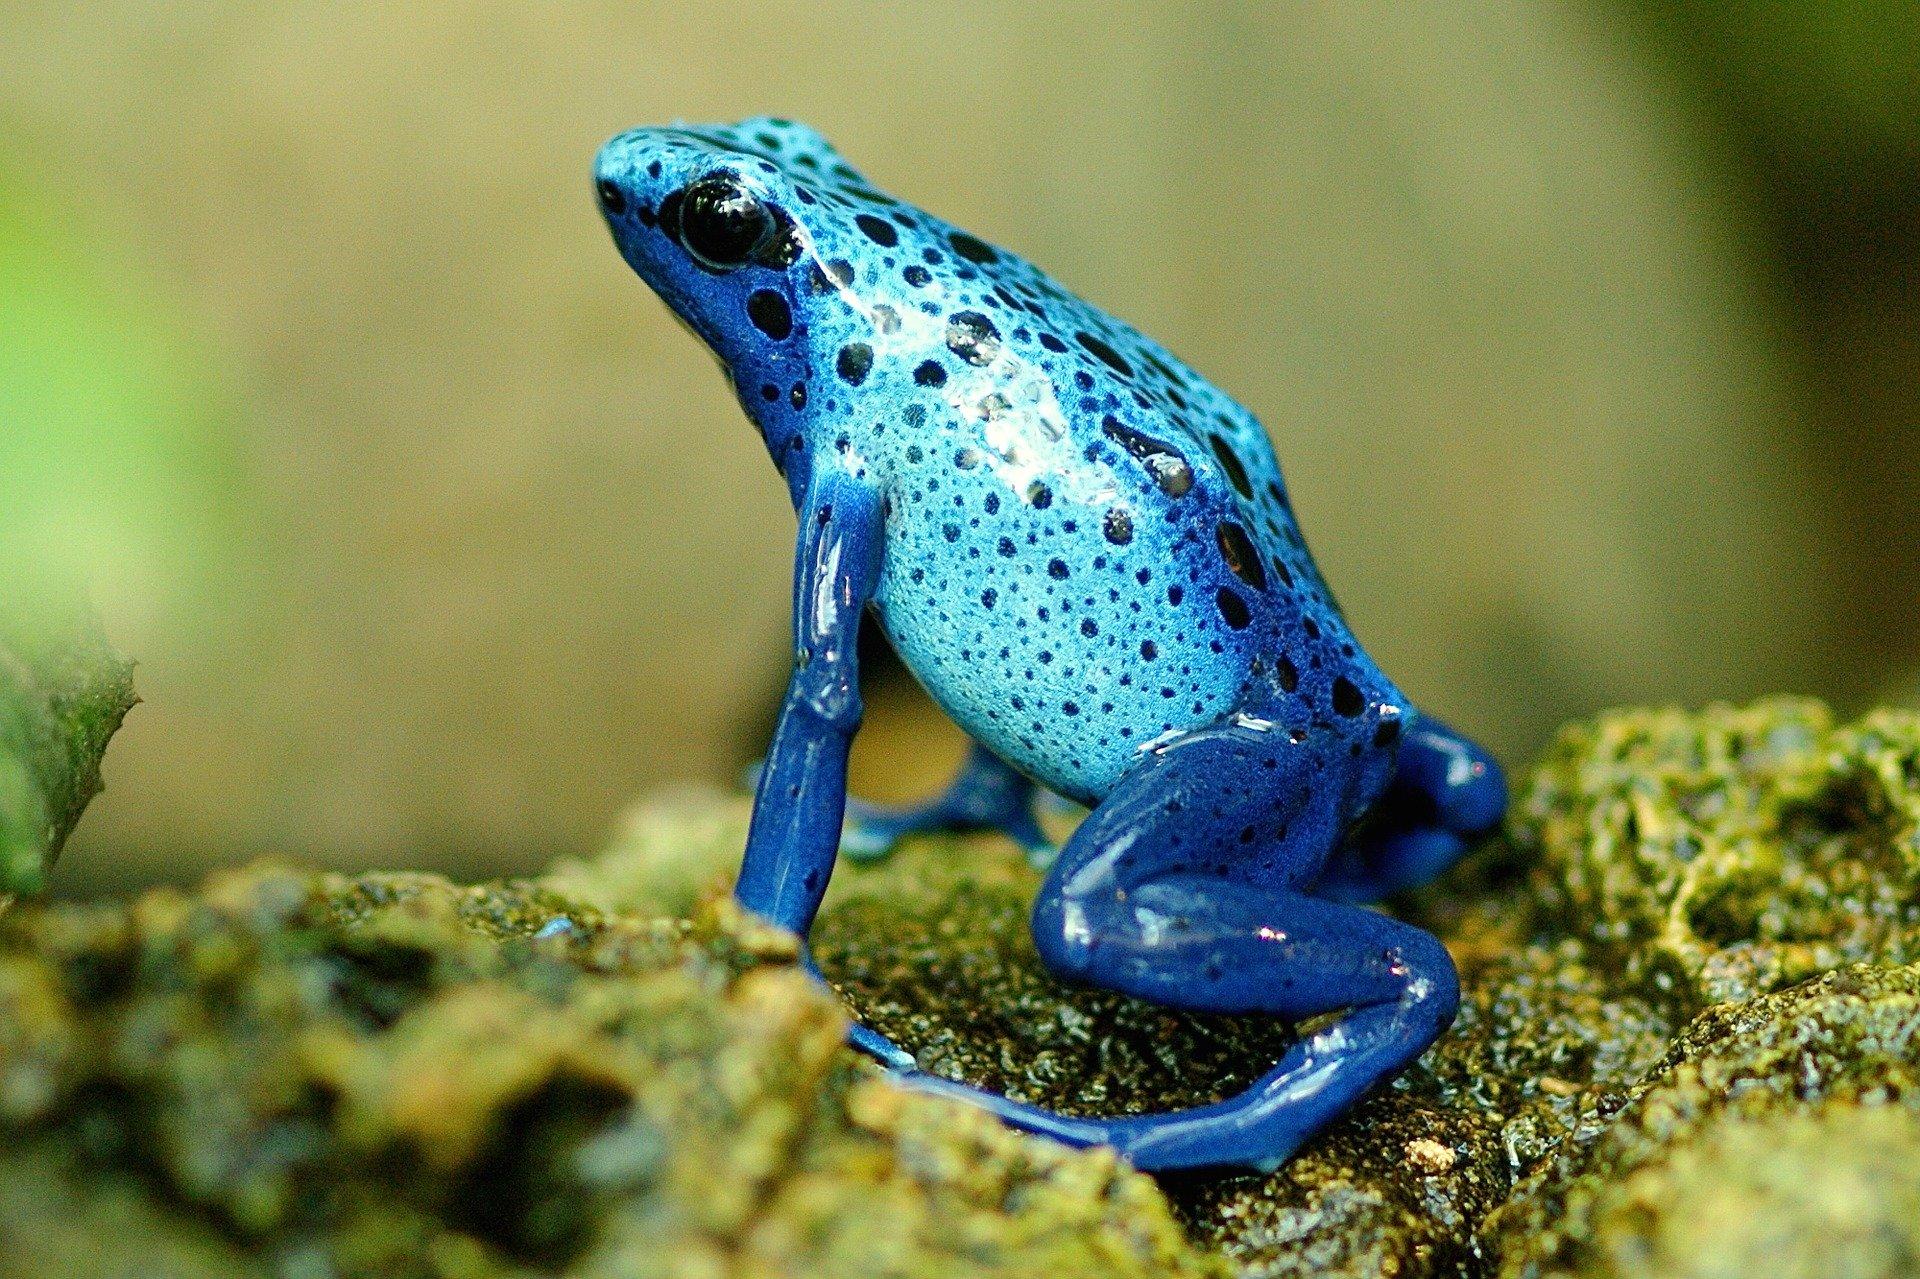 Anfibios especialmente vulnerables a la extinción